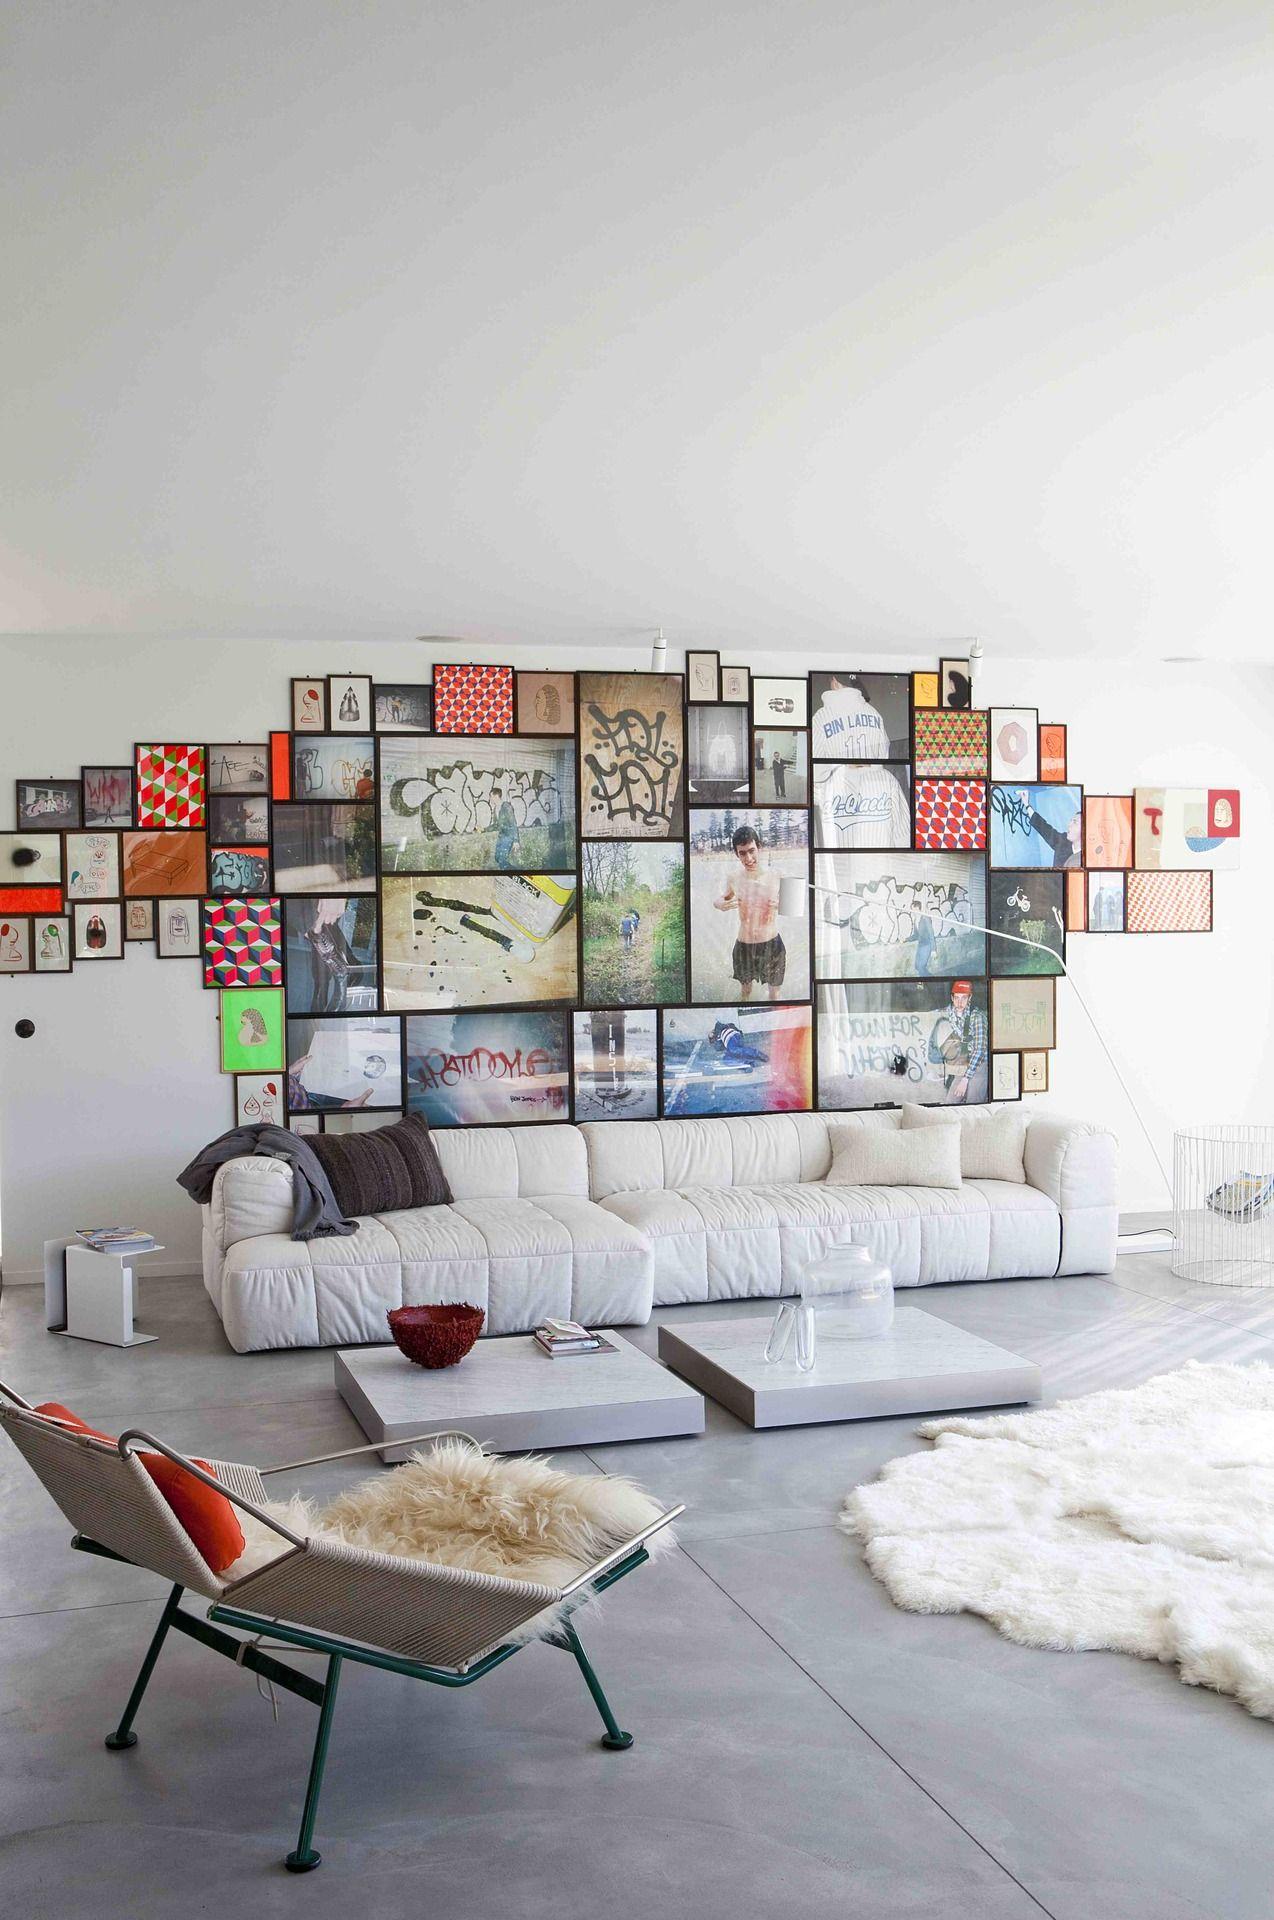 Inspirational Basement Wall Murals